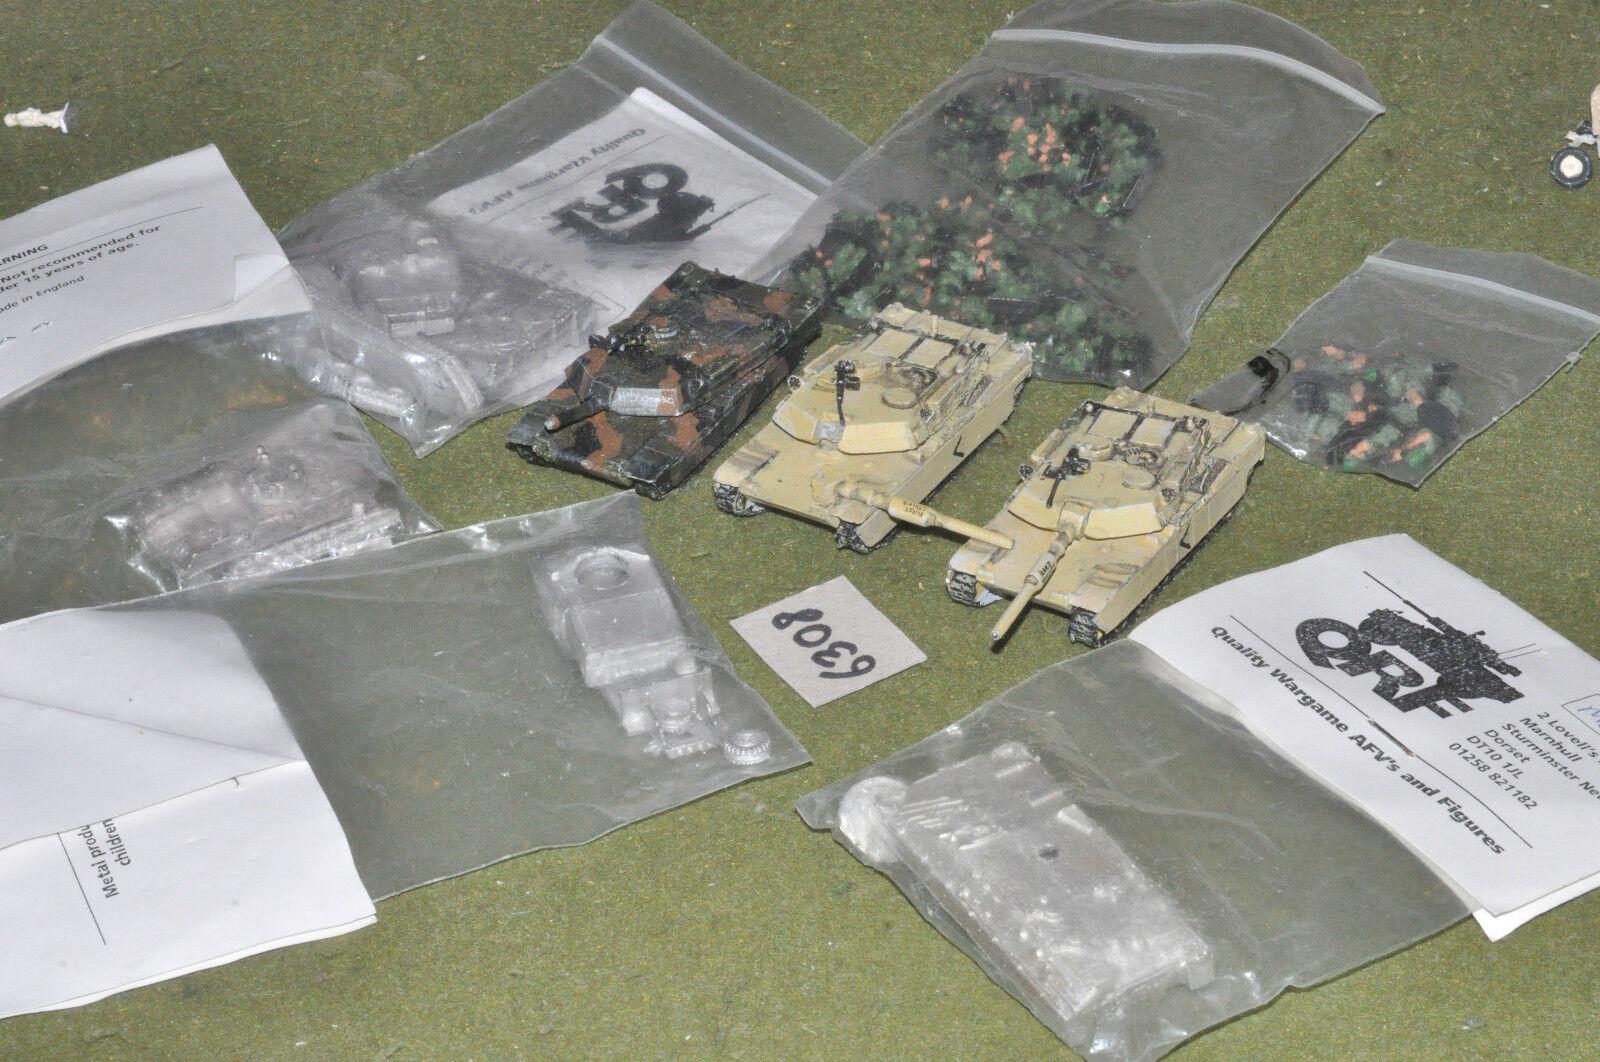 15 modernen   usa - us - 7 & 50 infanterie metall gemalt - inf (6308)